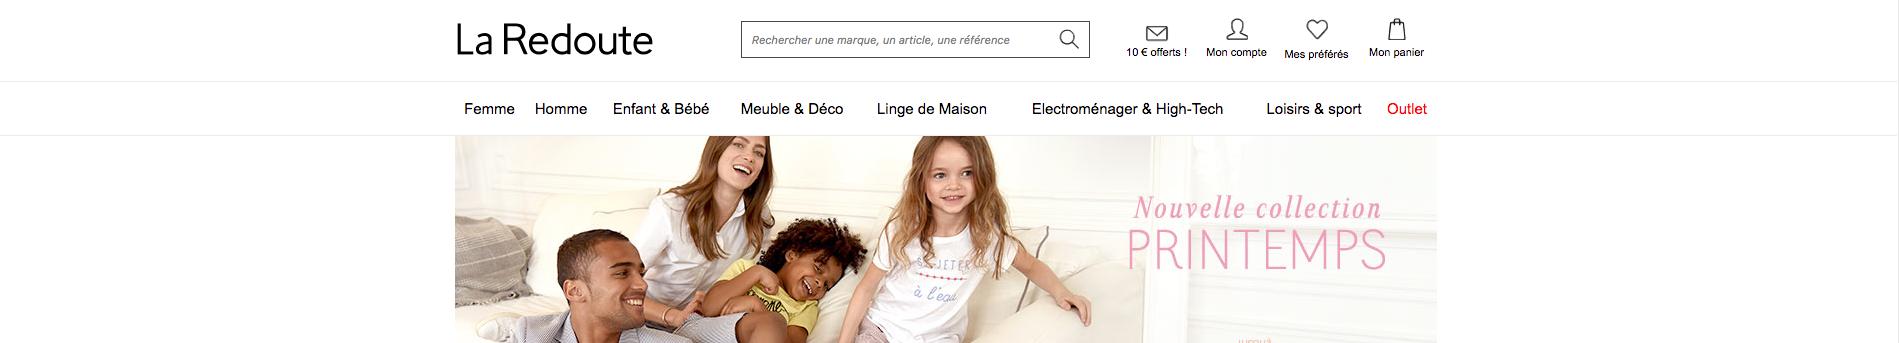 Homepage La Redoute